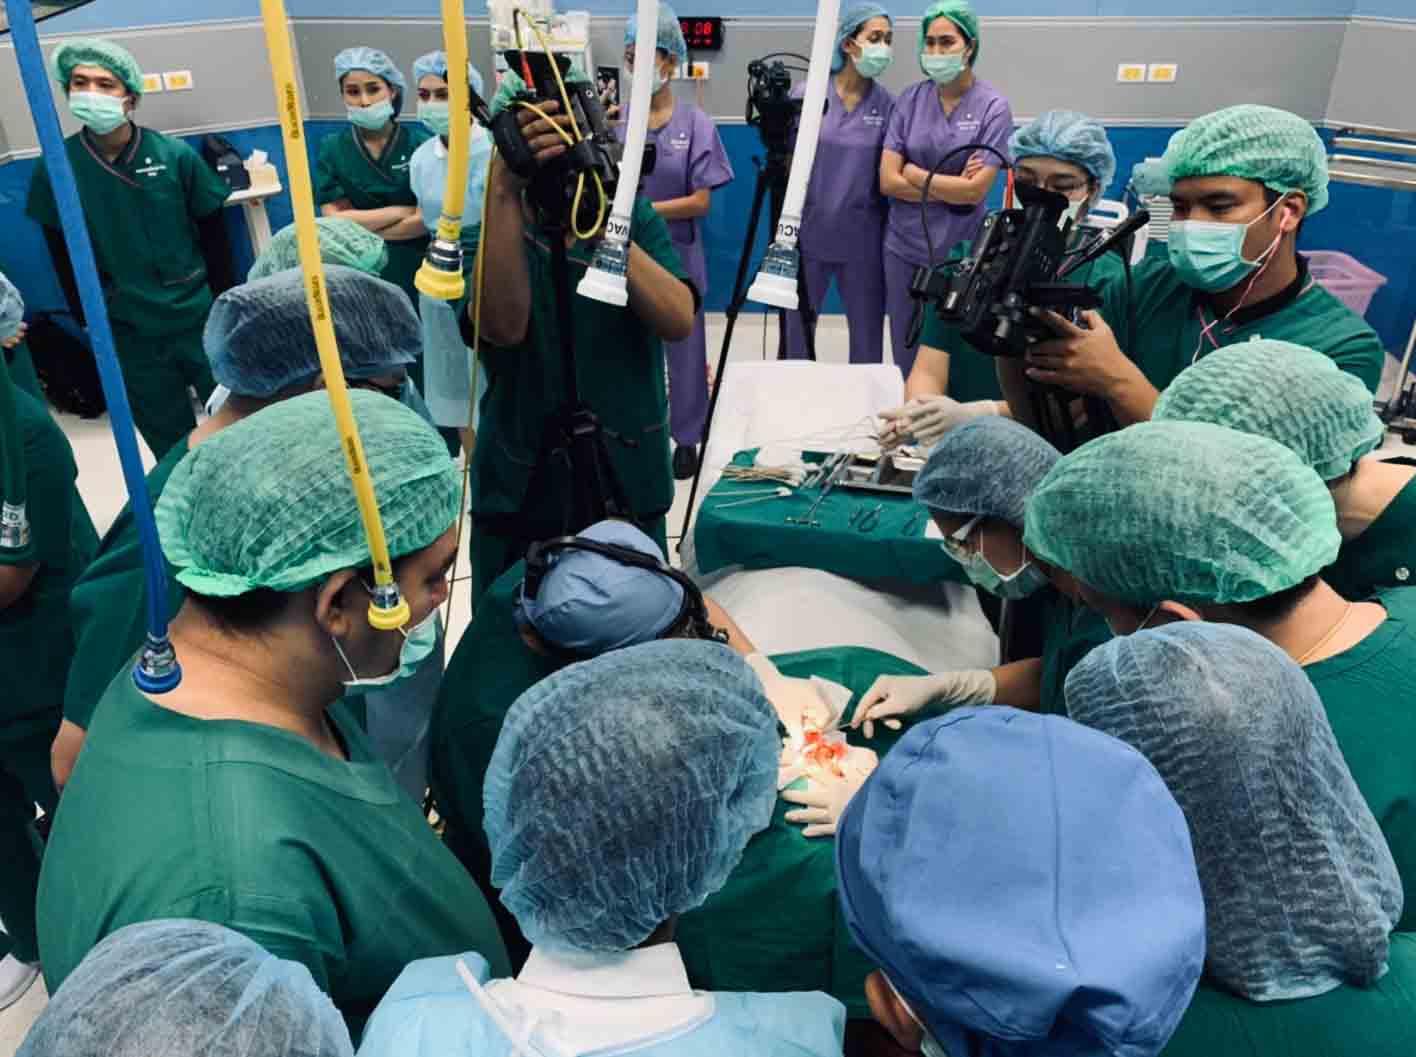 🍎❎ปัจจุบันเคสตัดปีกจมูกเยอะขึ้นมาก❎🍎, คลินิคศัลยกรรมความงาม โดย นายแพทย์ พลศักดิ์ วรไกร (หมอเปิ้ล)